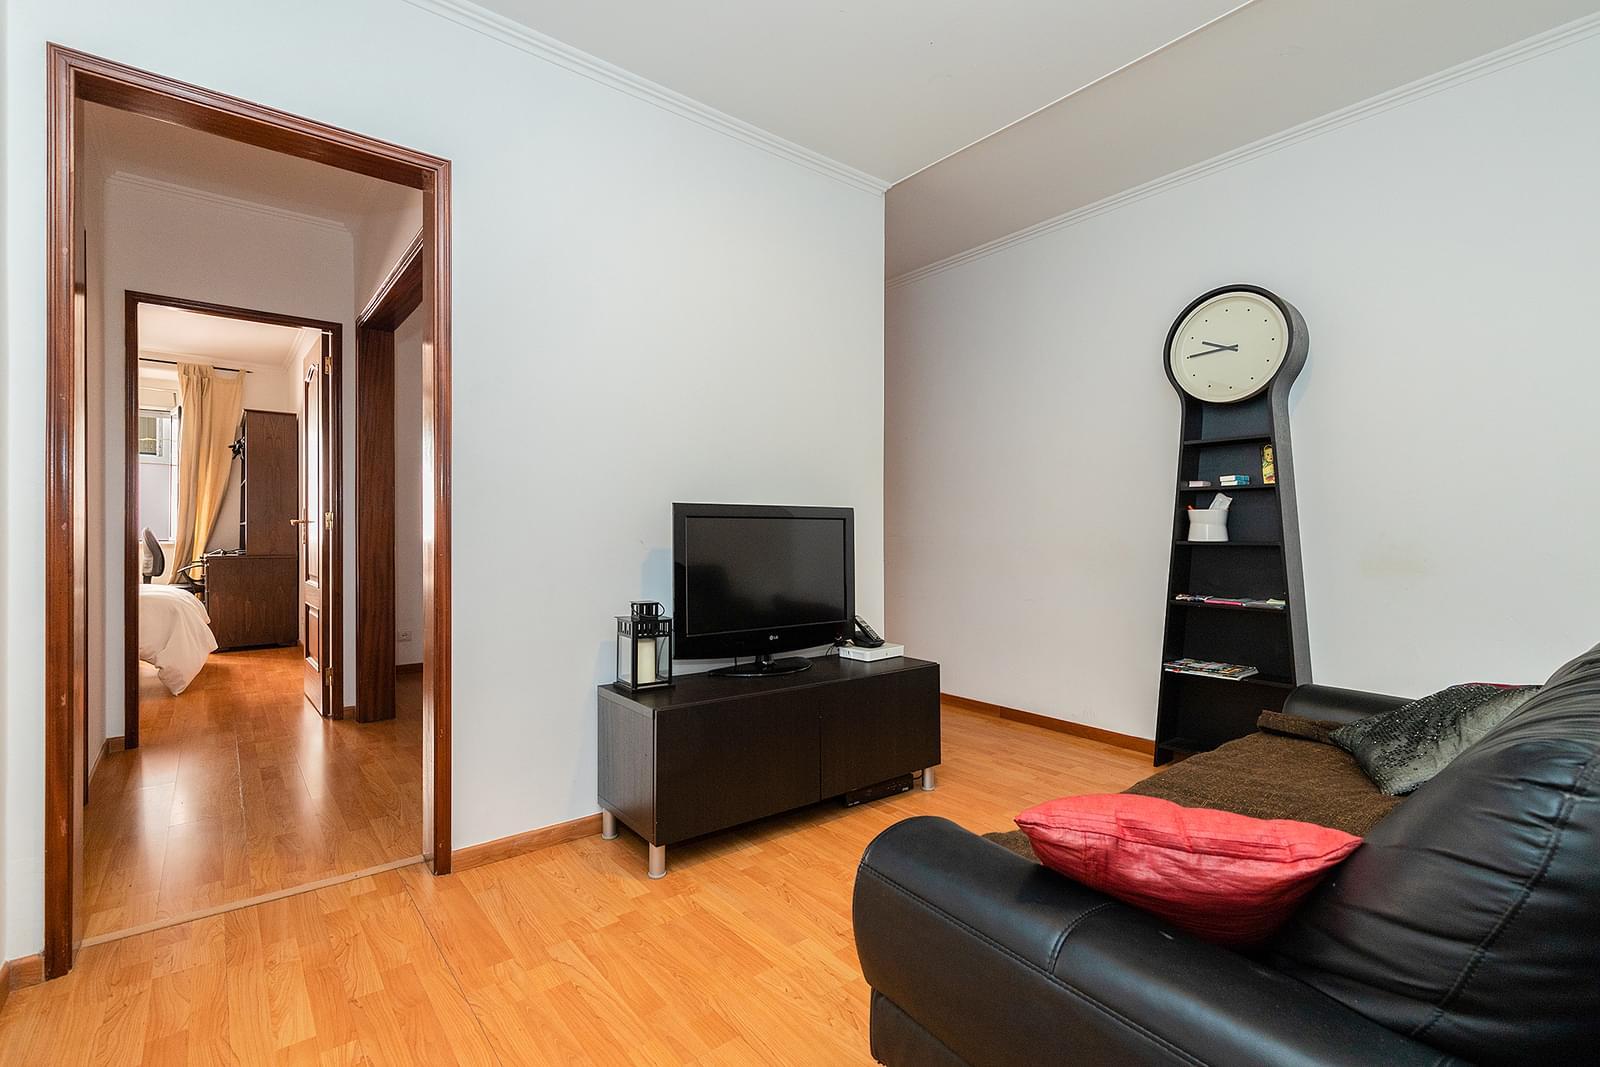 pf17978-apartamento-t3-lisboa-cf713b44-29eb-4715-8ead-75767f7e5b1f